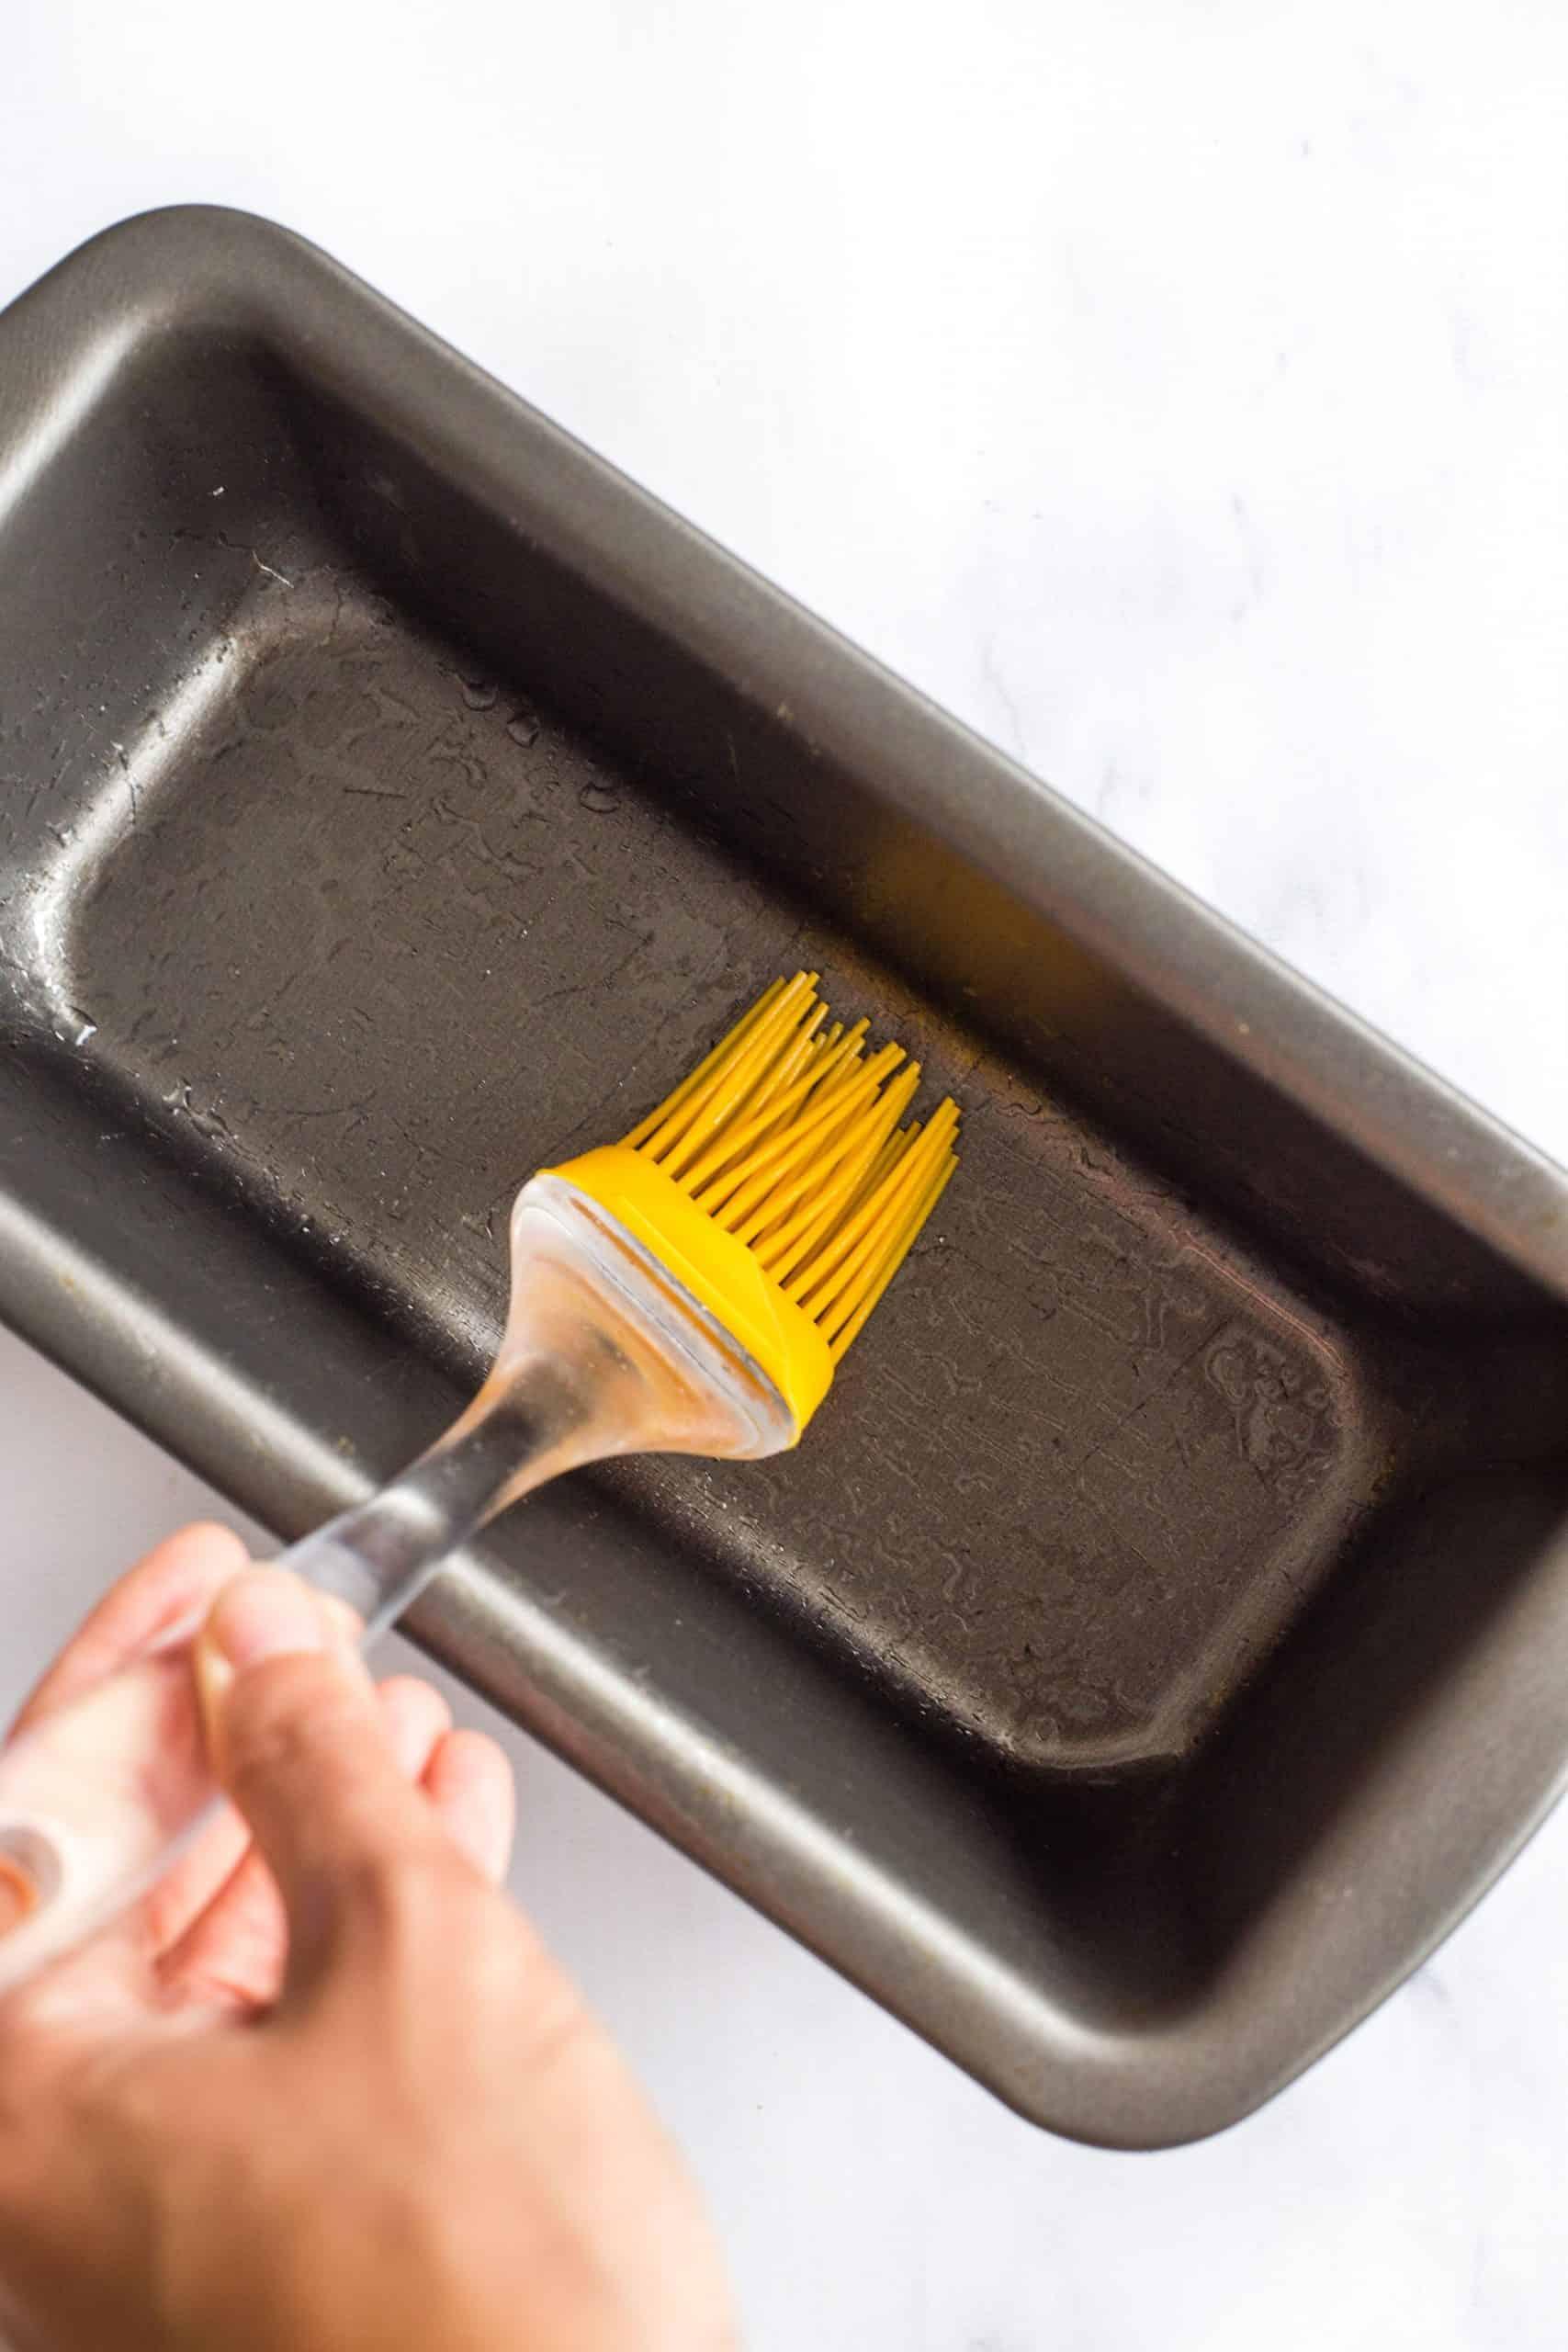 Greasing a metal loaf pan.